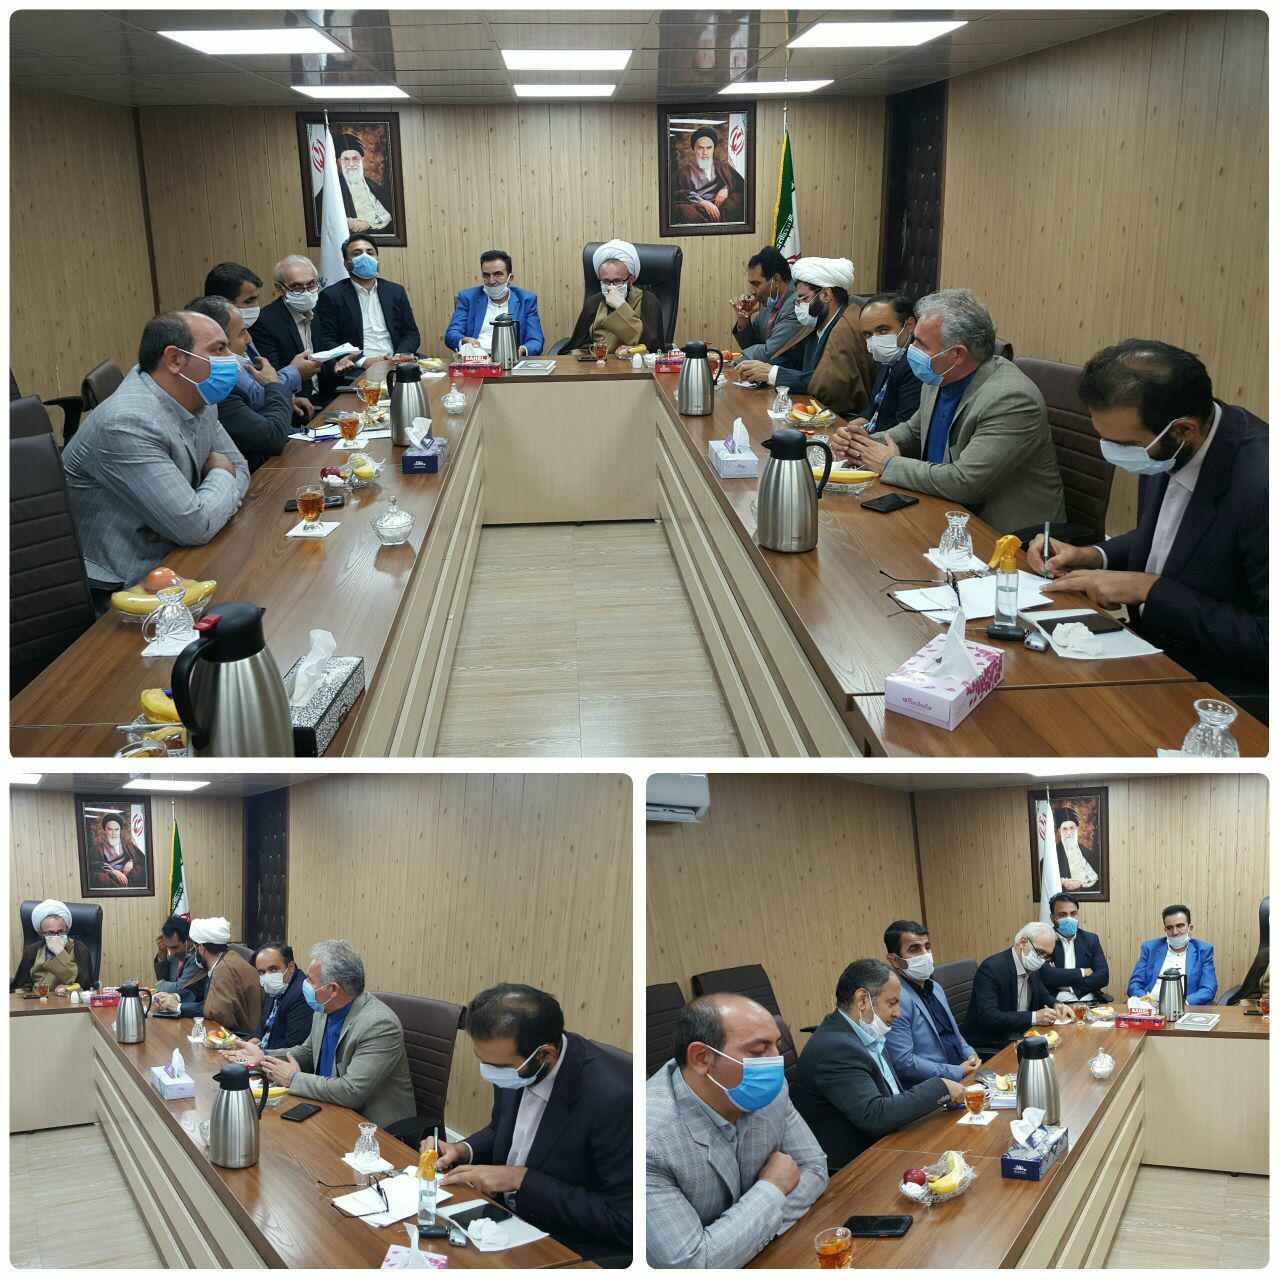 برگزاری جلسه شورای فرهنگ عمومی شهر پرند در شهرداری